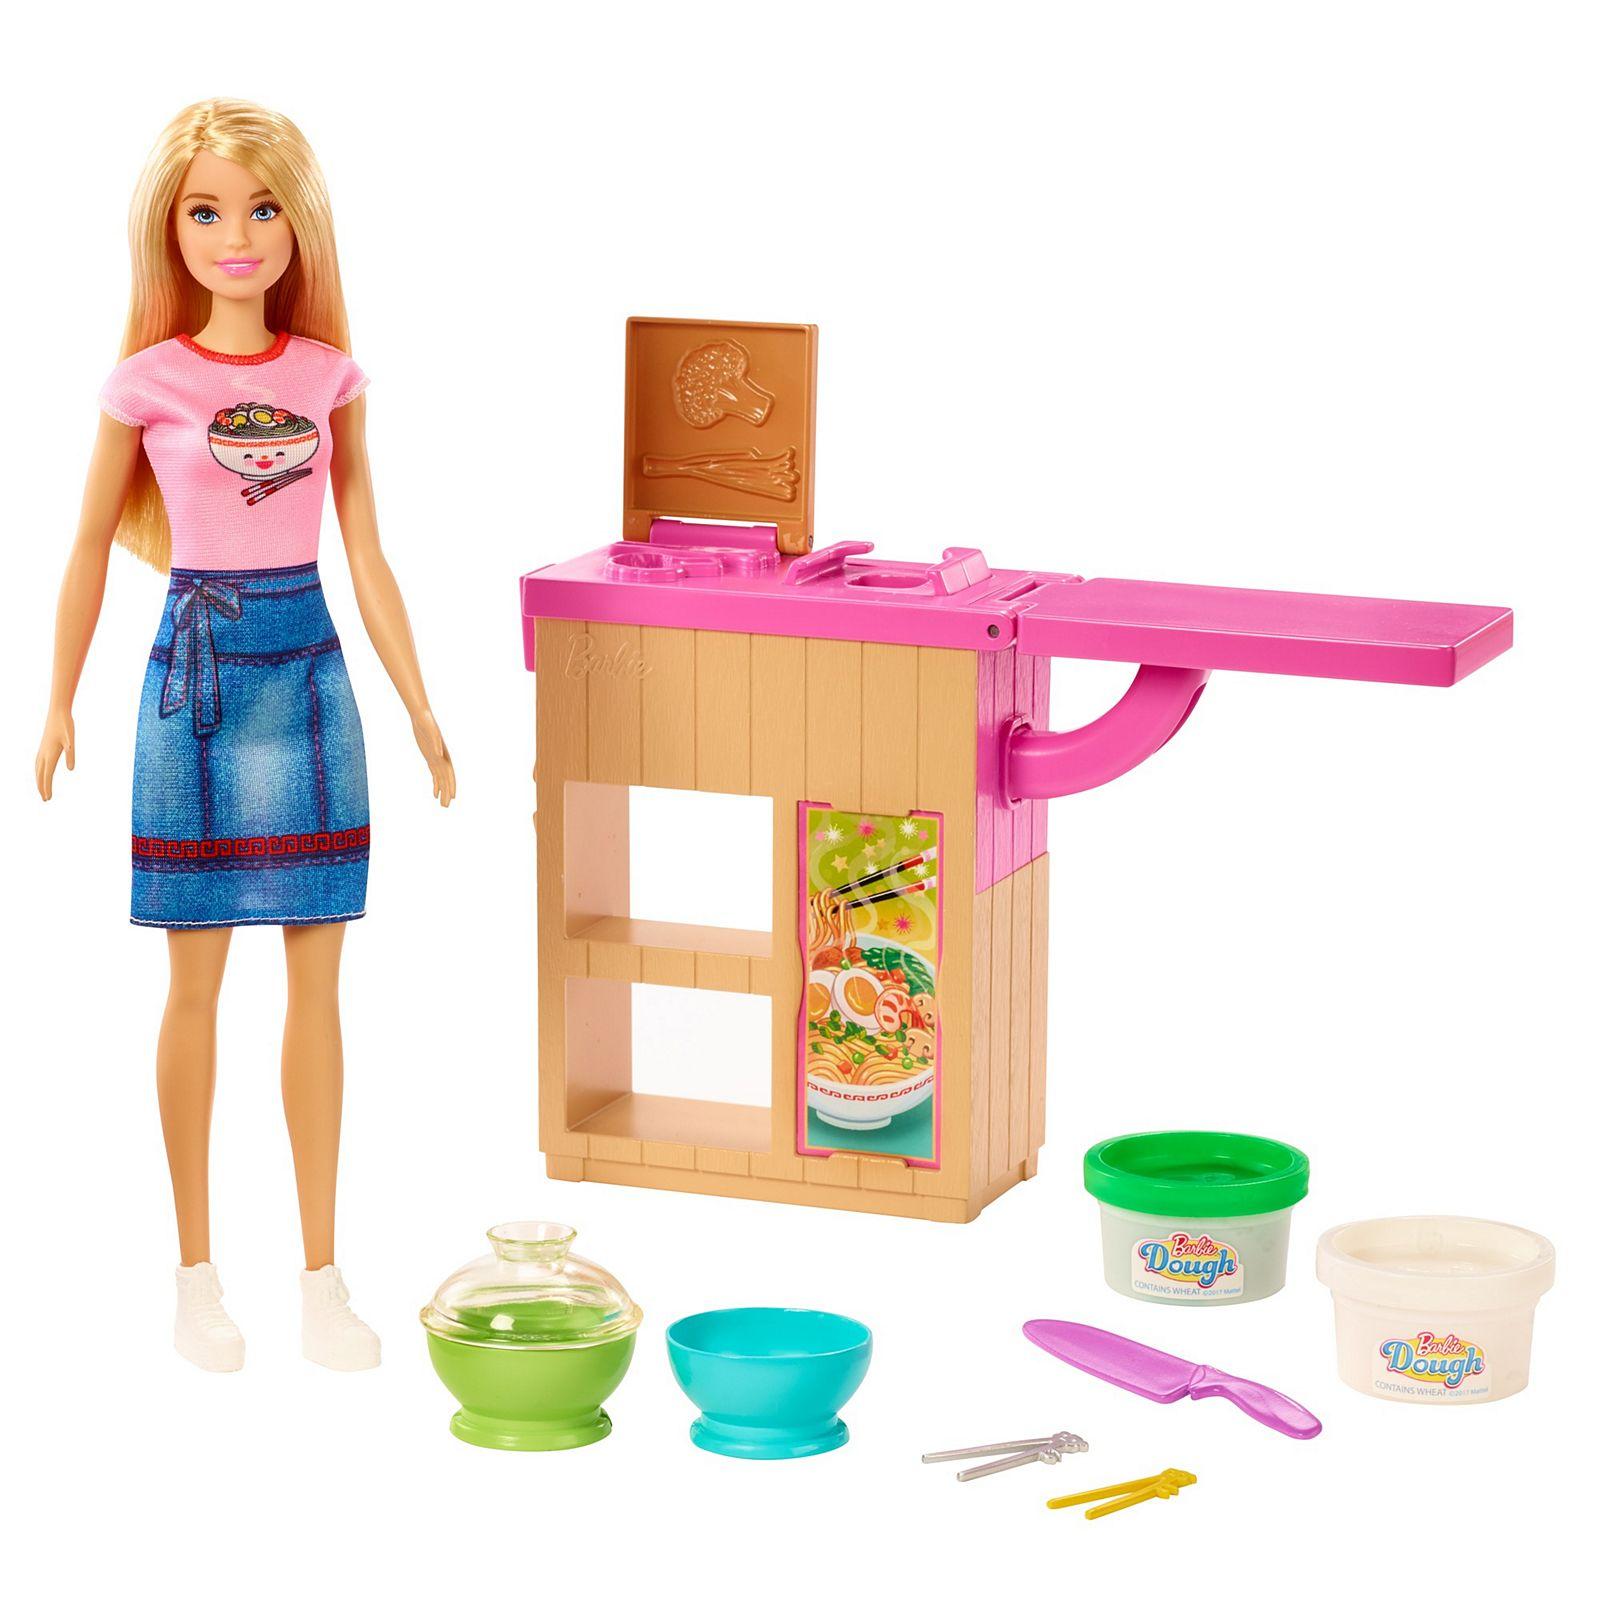 Barbie GHK43 Noodle Maker Doll & Playset